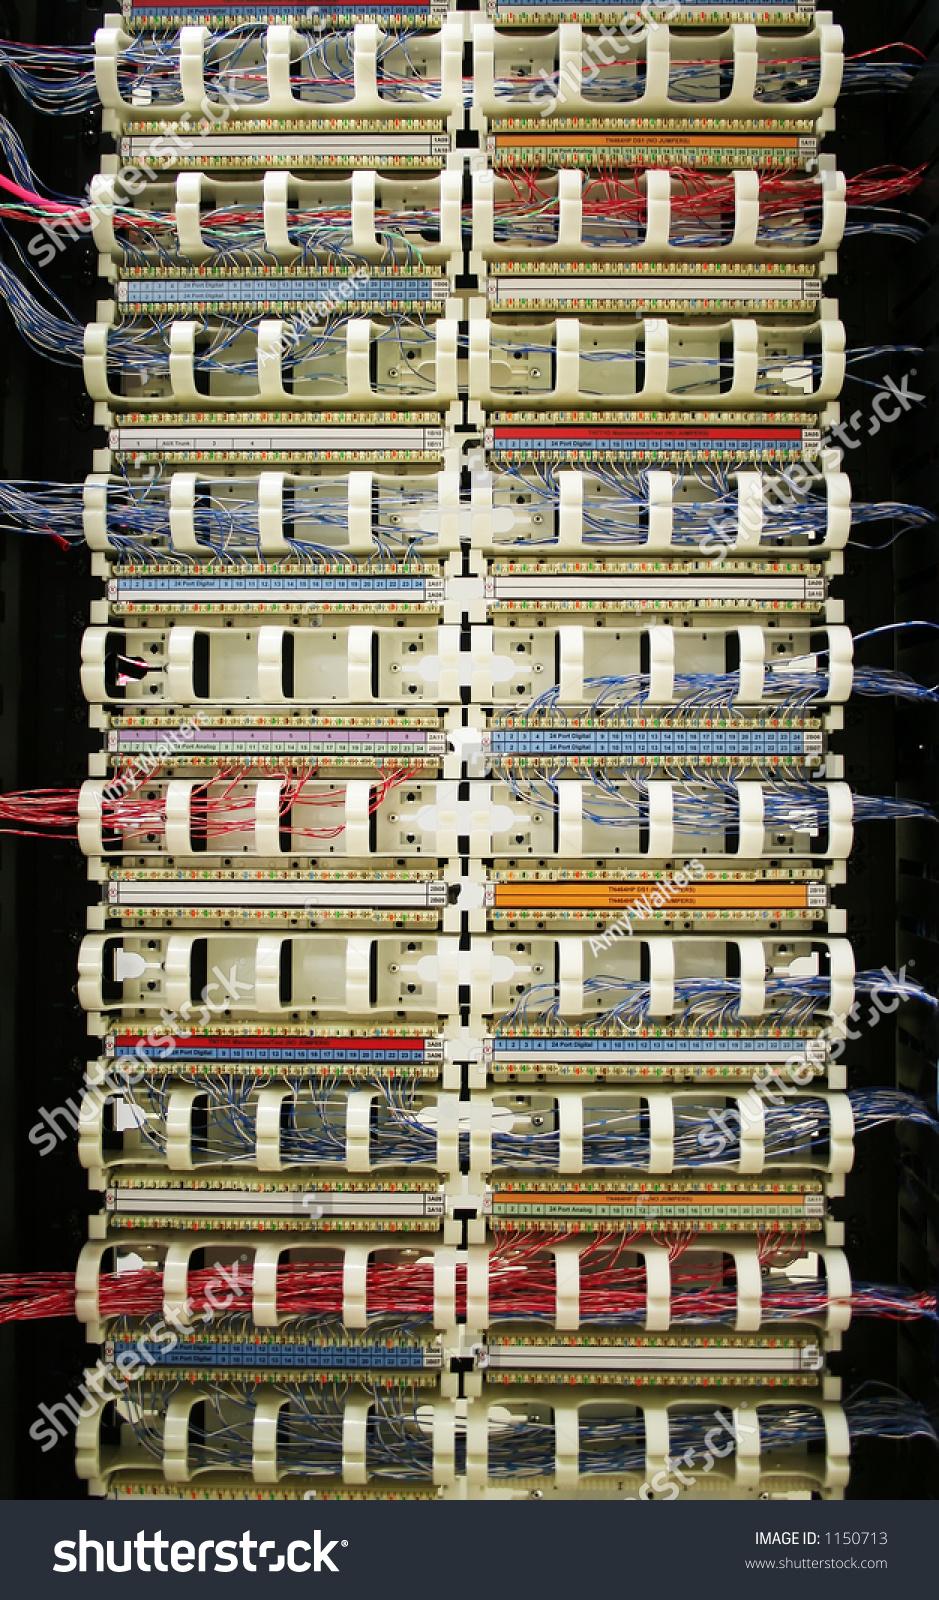 110 Blocks (Punchdown Rack) For Telephone Wiring Stock ...